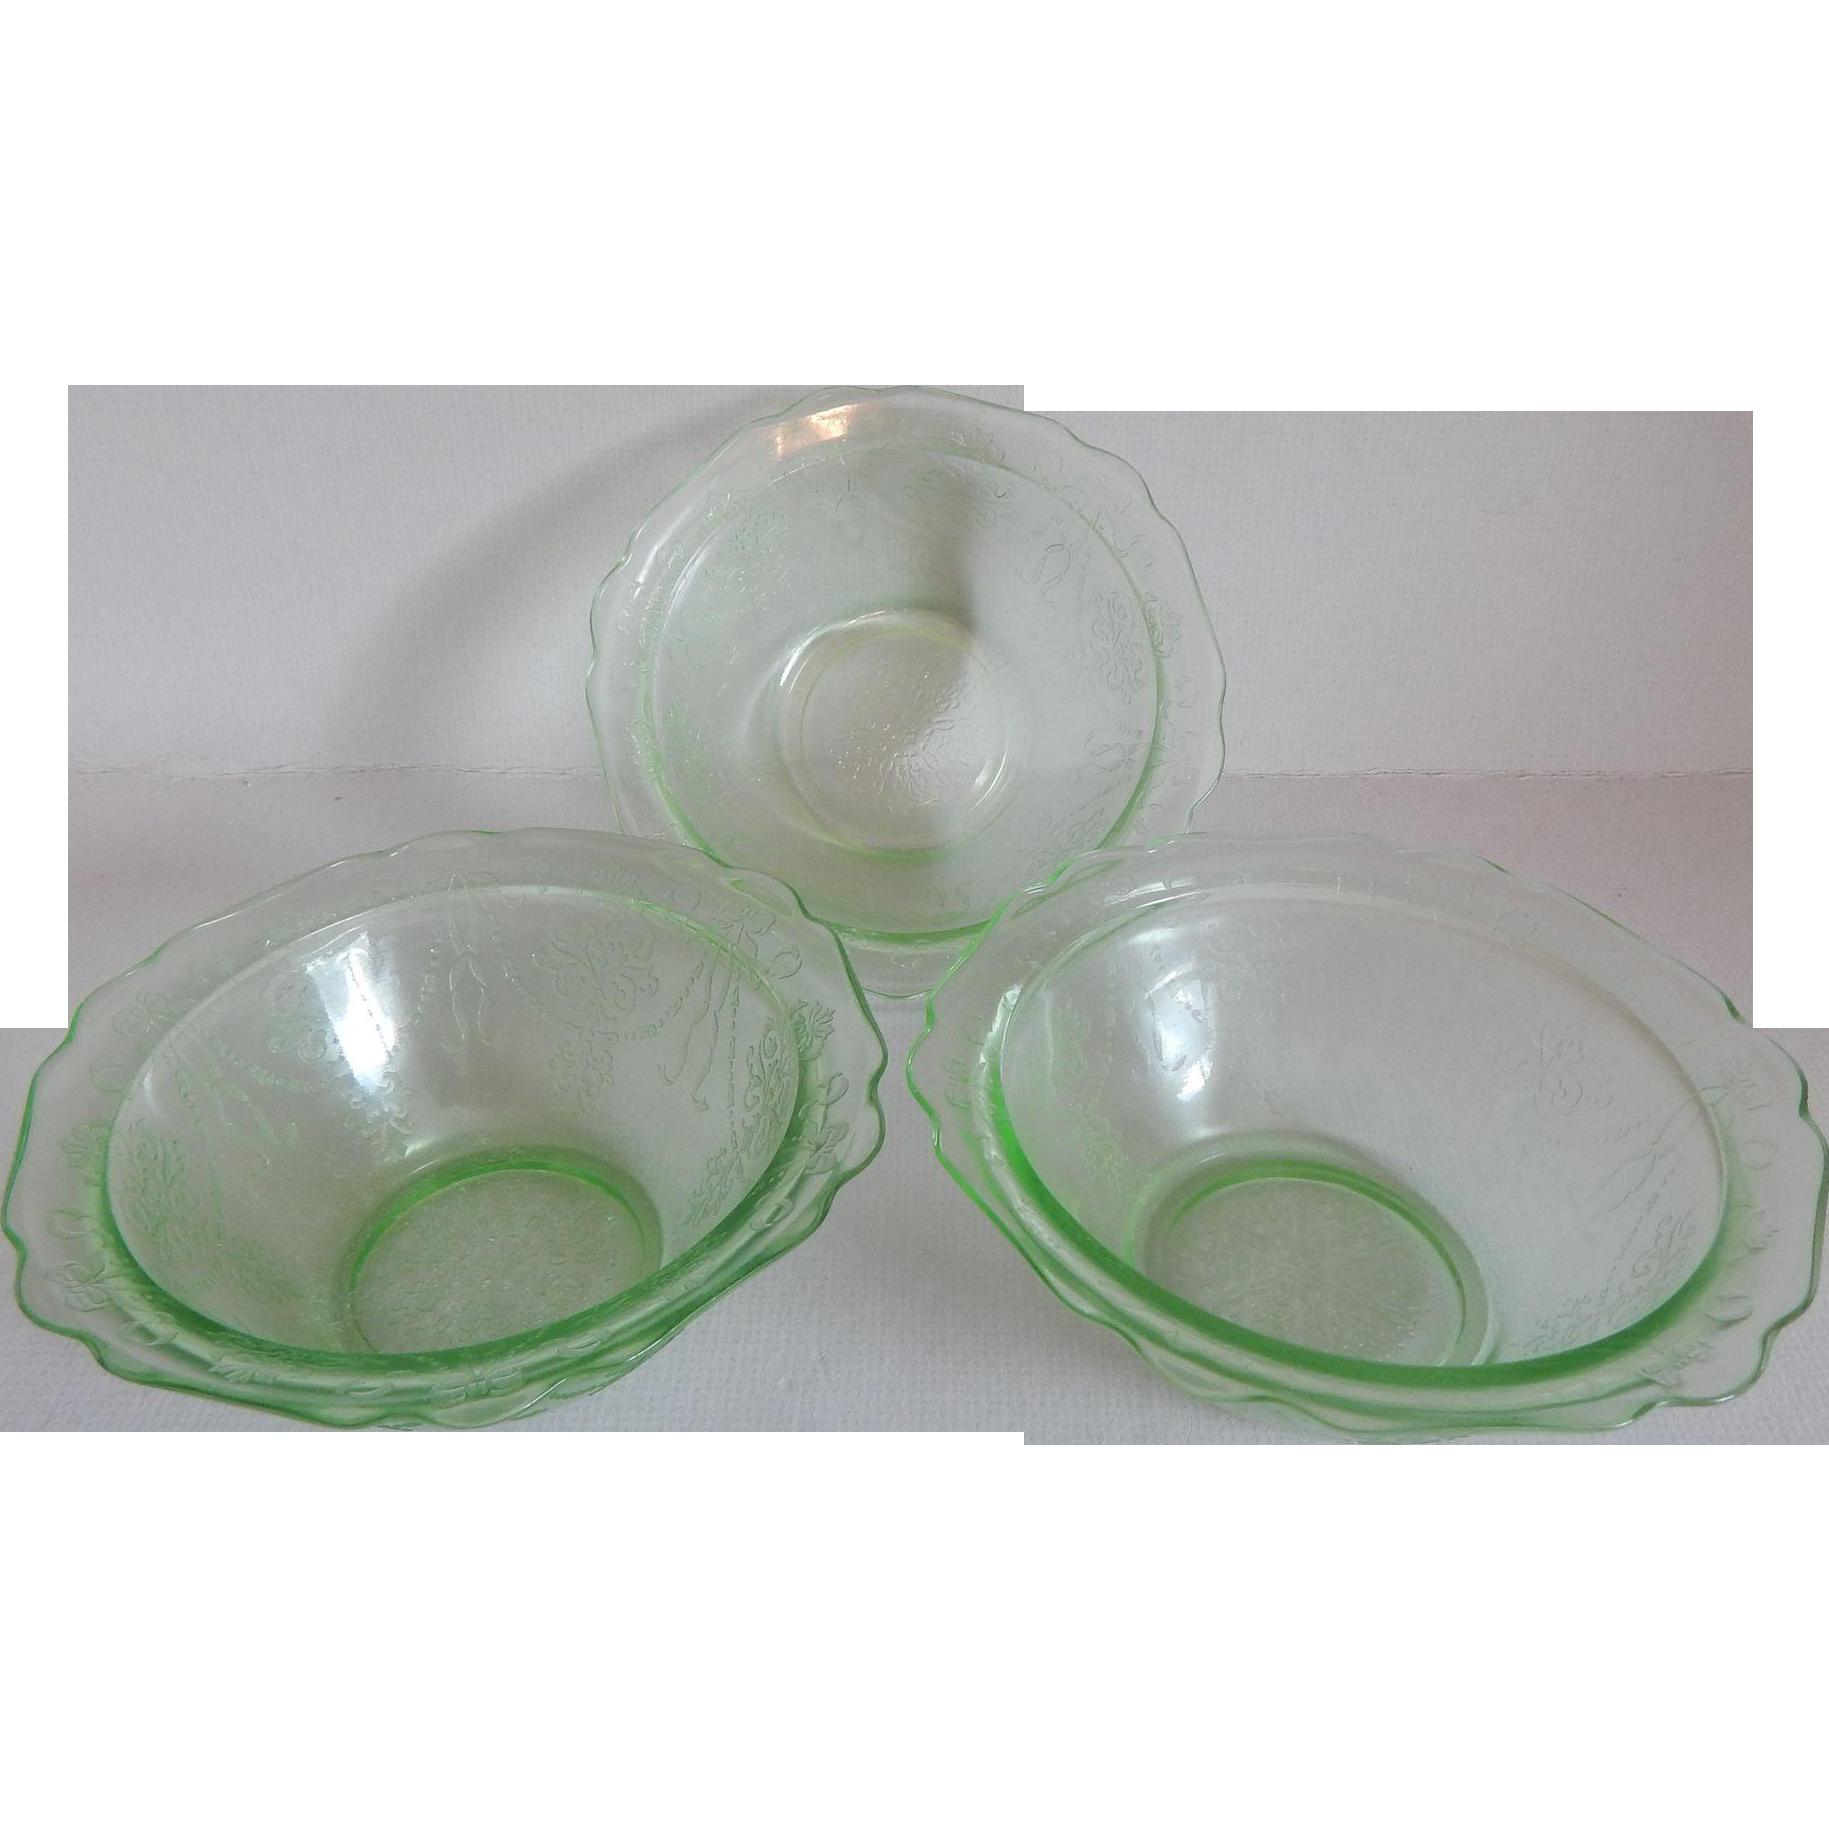 Three Green Depression Glass Bowknot Bowls